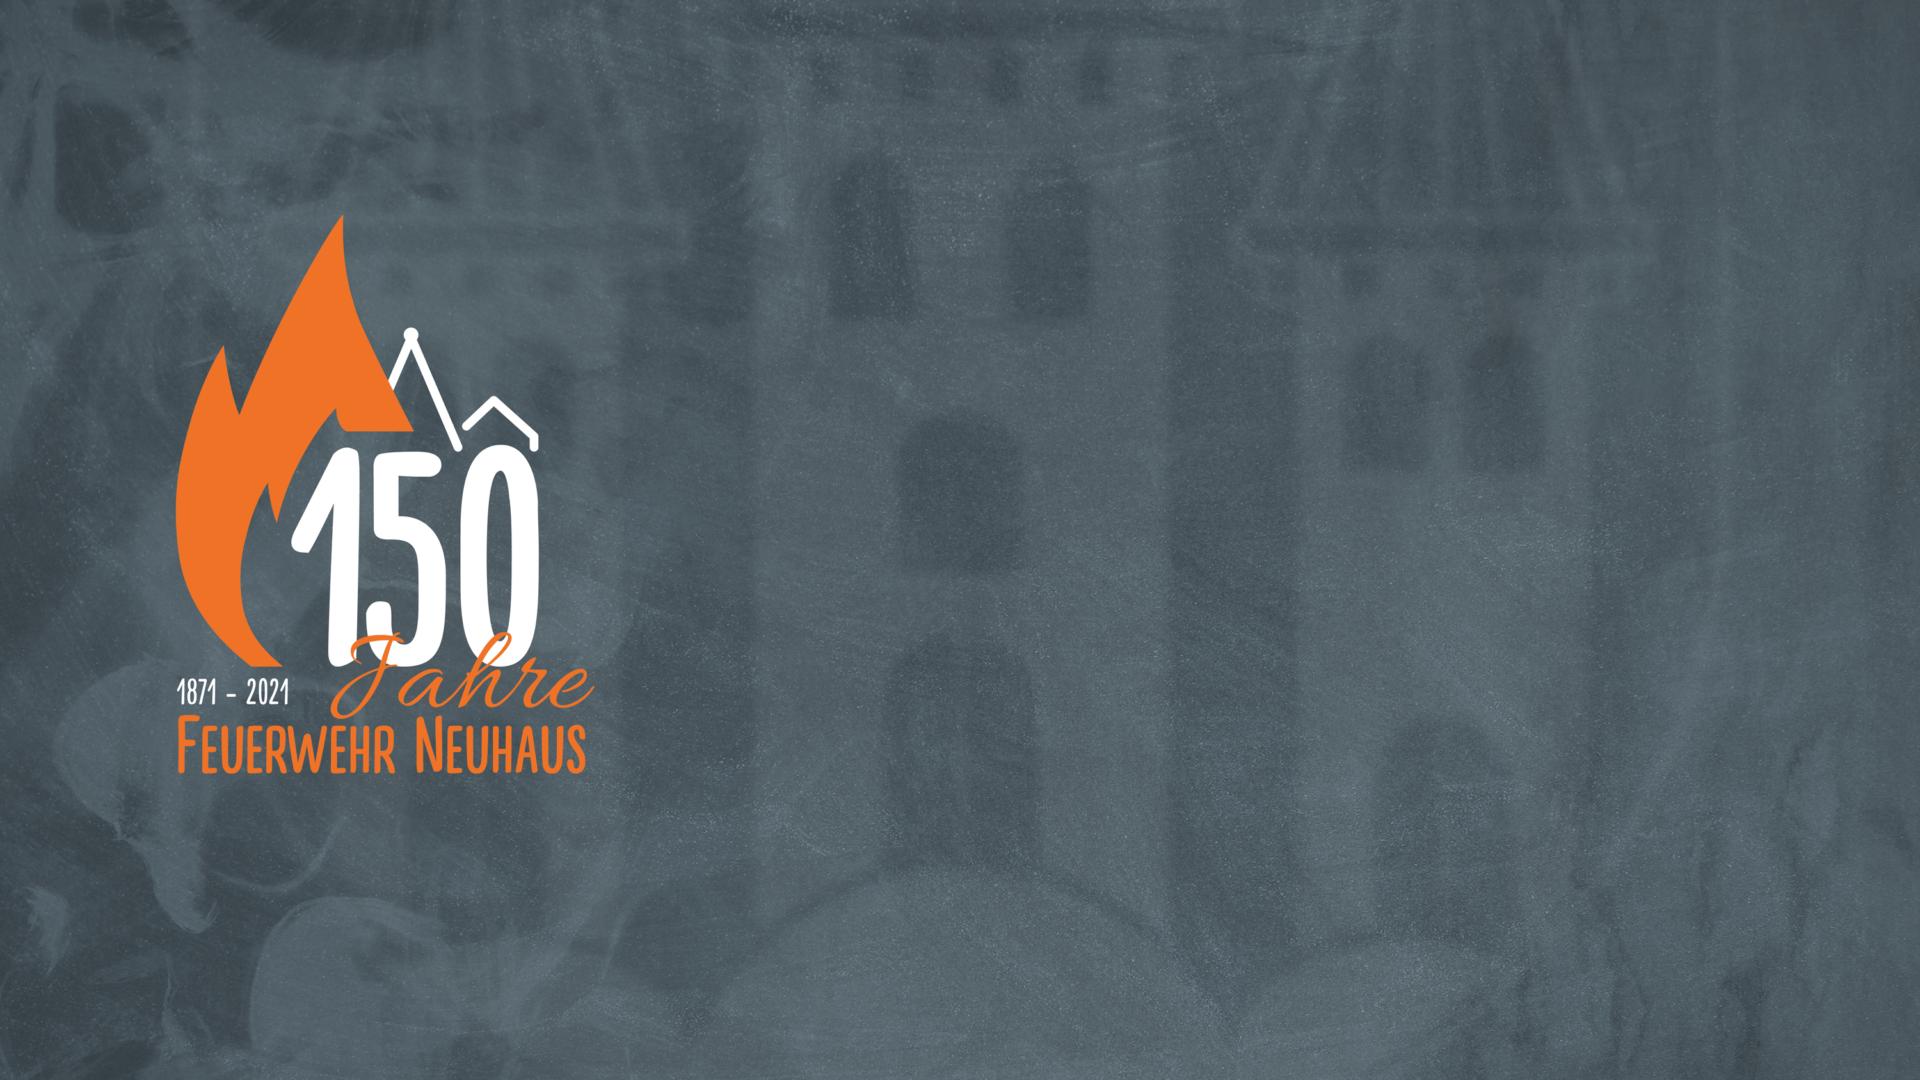 150 Jahre Feuerwehr Neuhaus